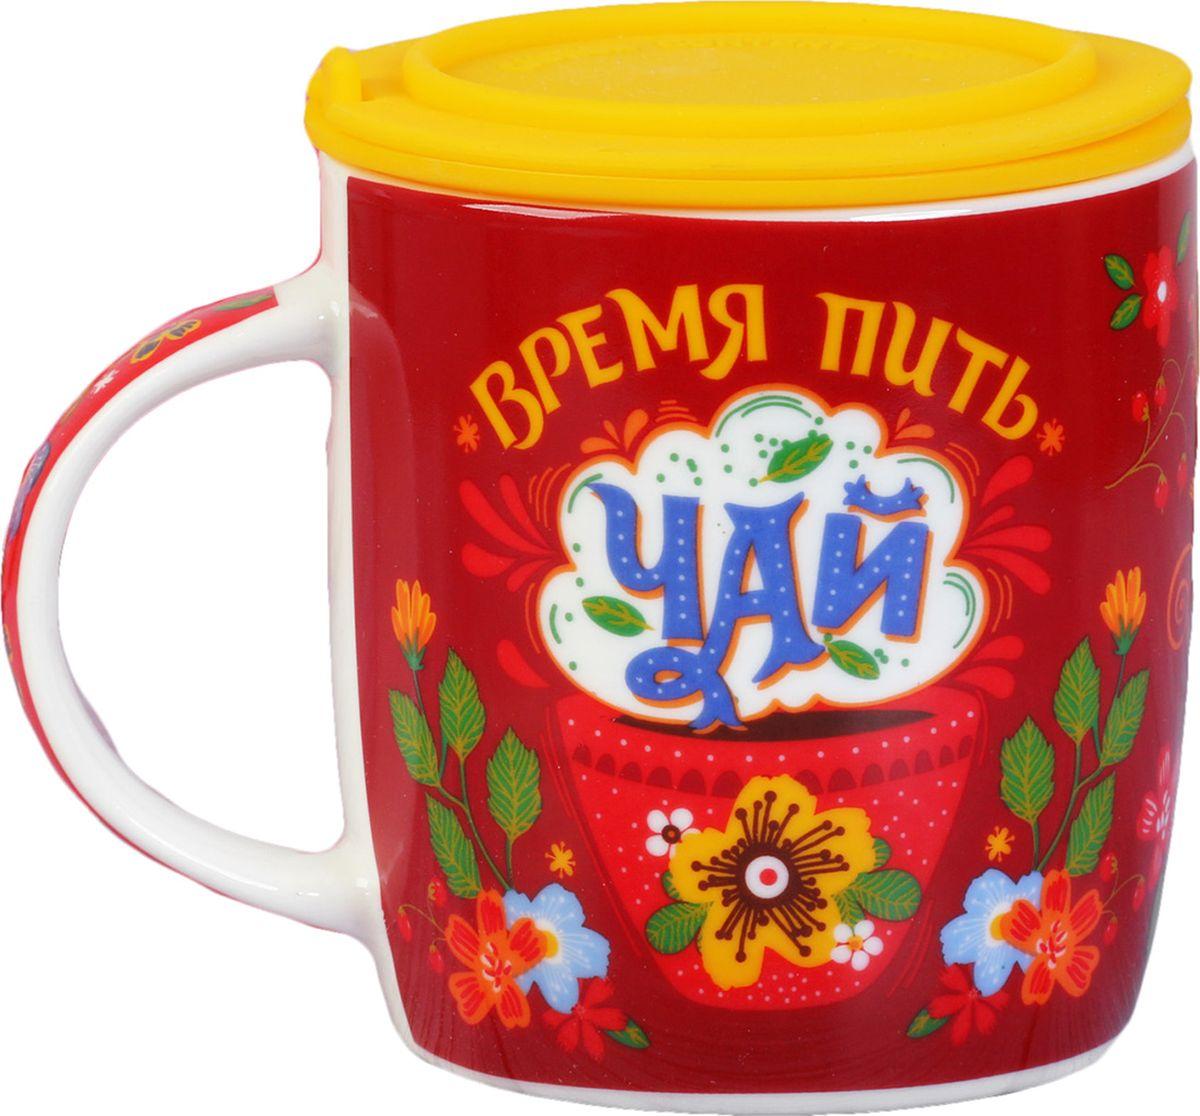 От качества посуды зависит не только вкус еды, но и здоровье человека. Кружка «Время пить чай» - товар, соответствующий российским стандартам качества. Любому будет приятно держать изделие в руках. С такой посудой чаепитие и сервировка стола превратятся в настоящий праздник.